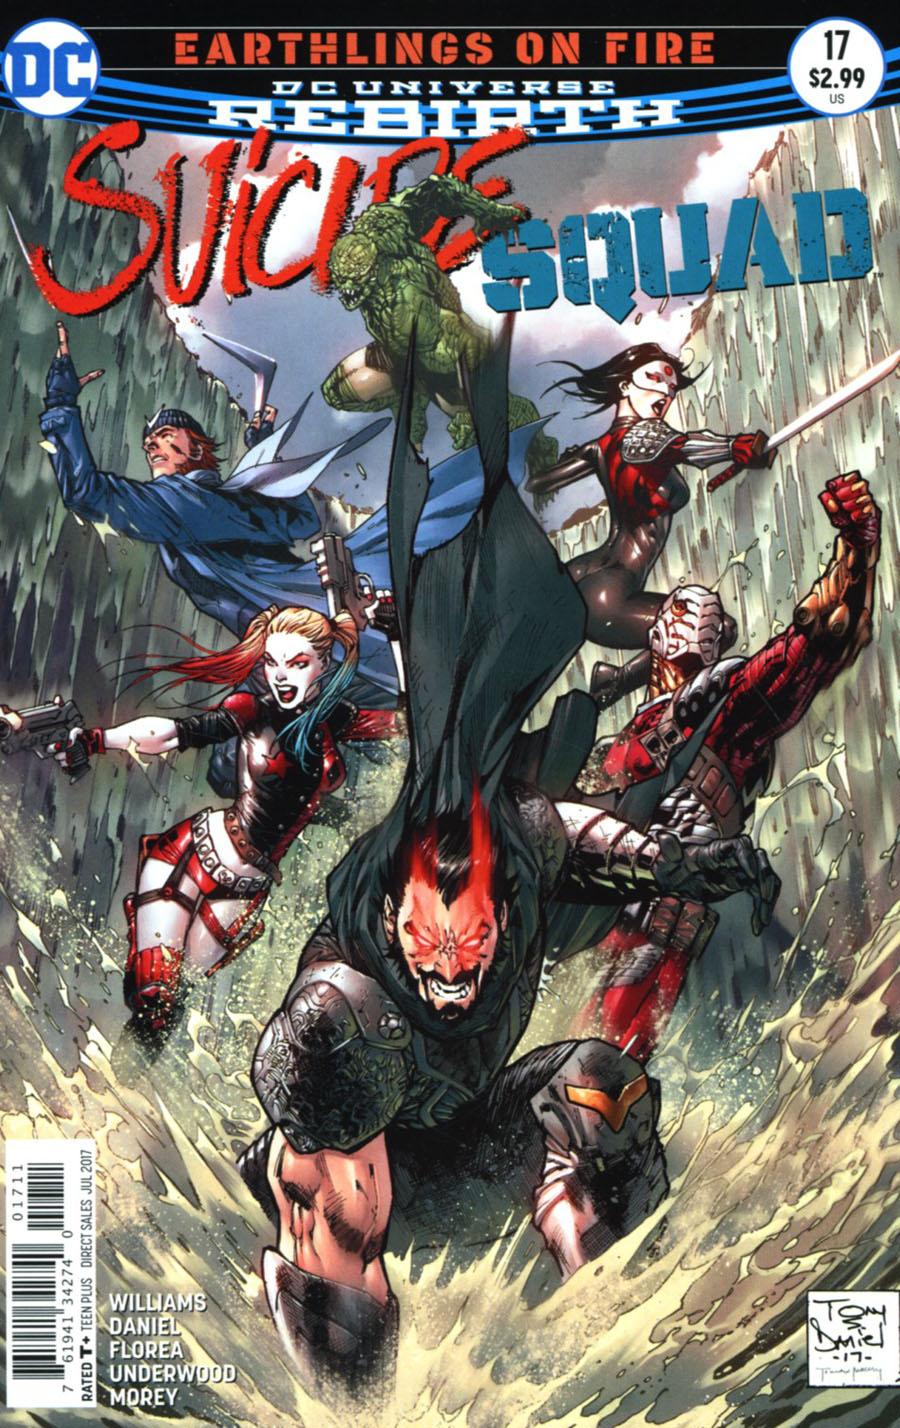 Suicide Squad Vol 4 #17 Cover A Regular Tony S Daniel Cover